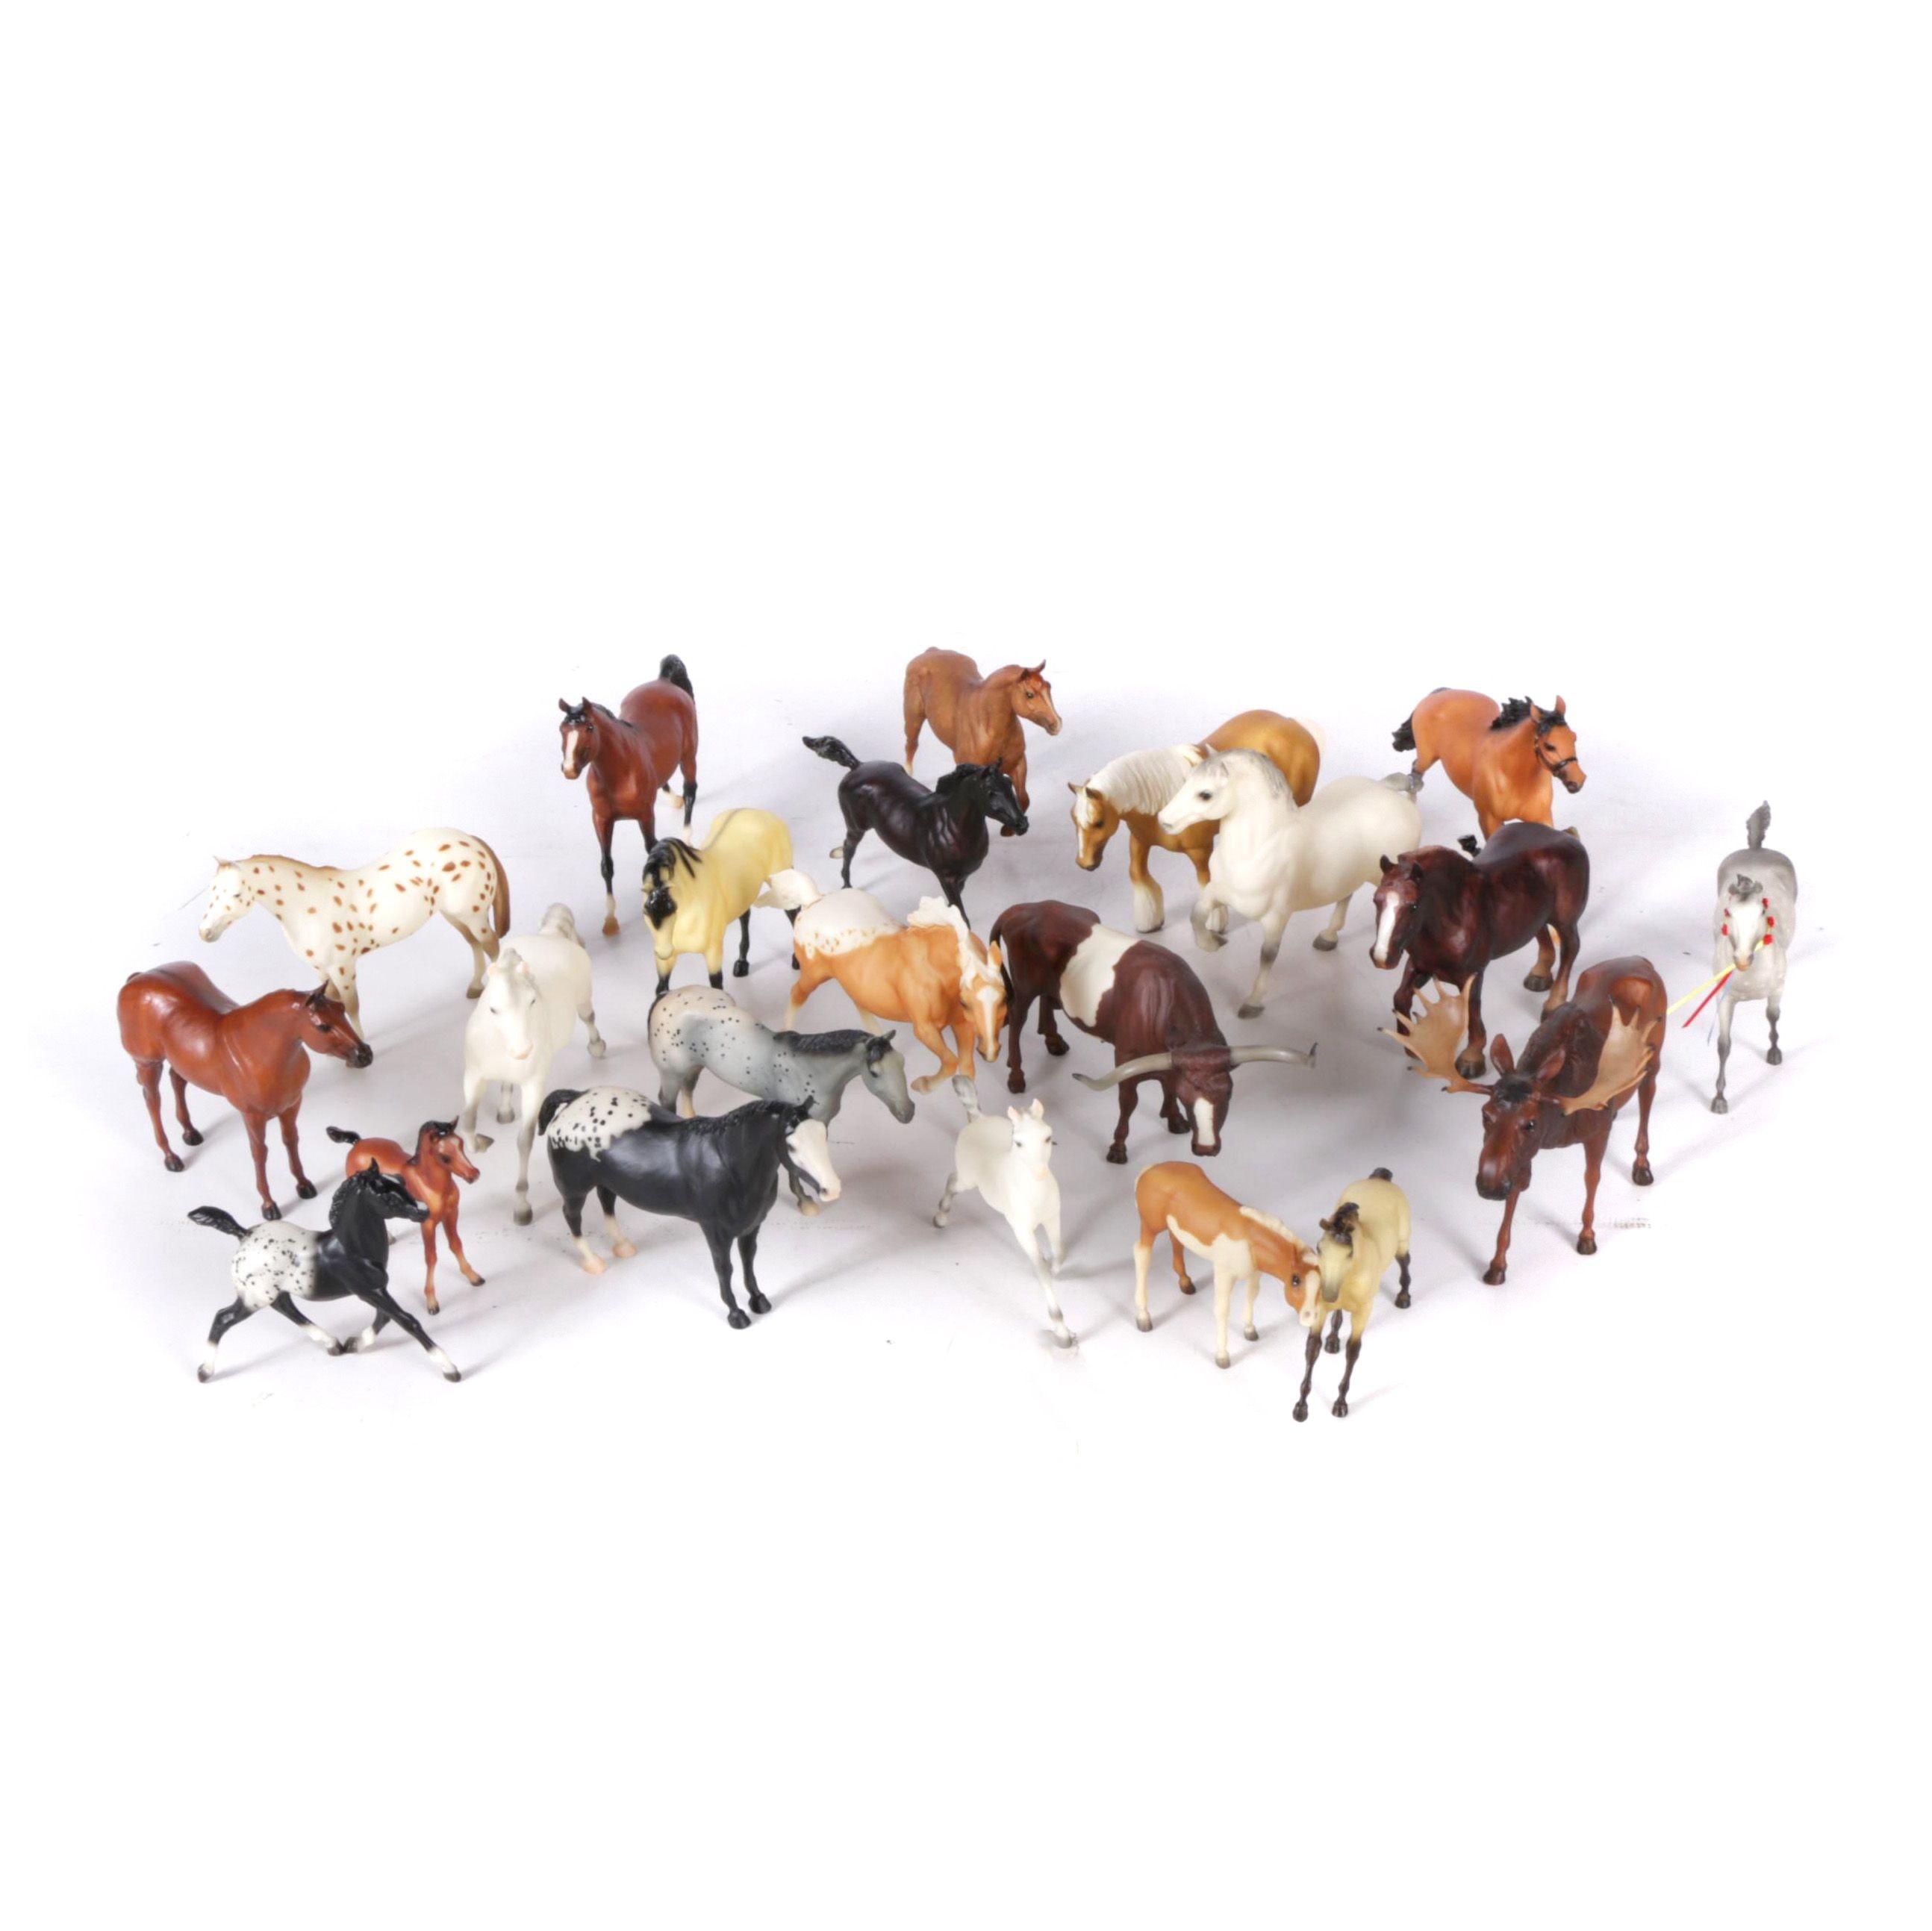 Breyer Horse Figures